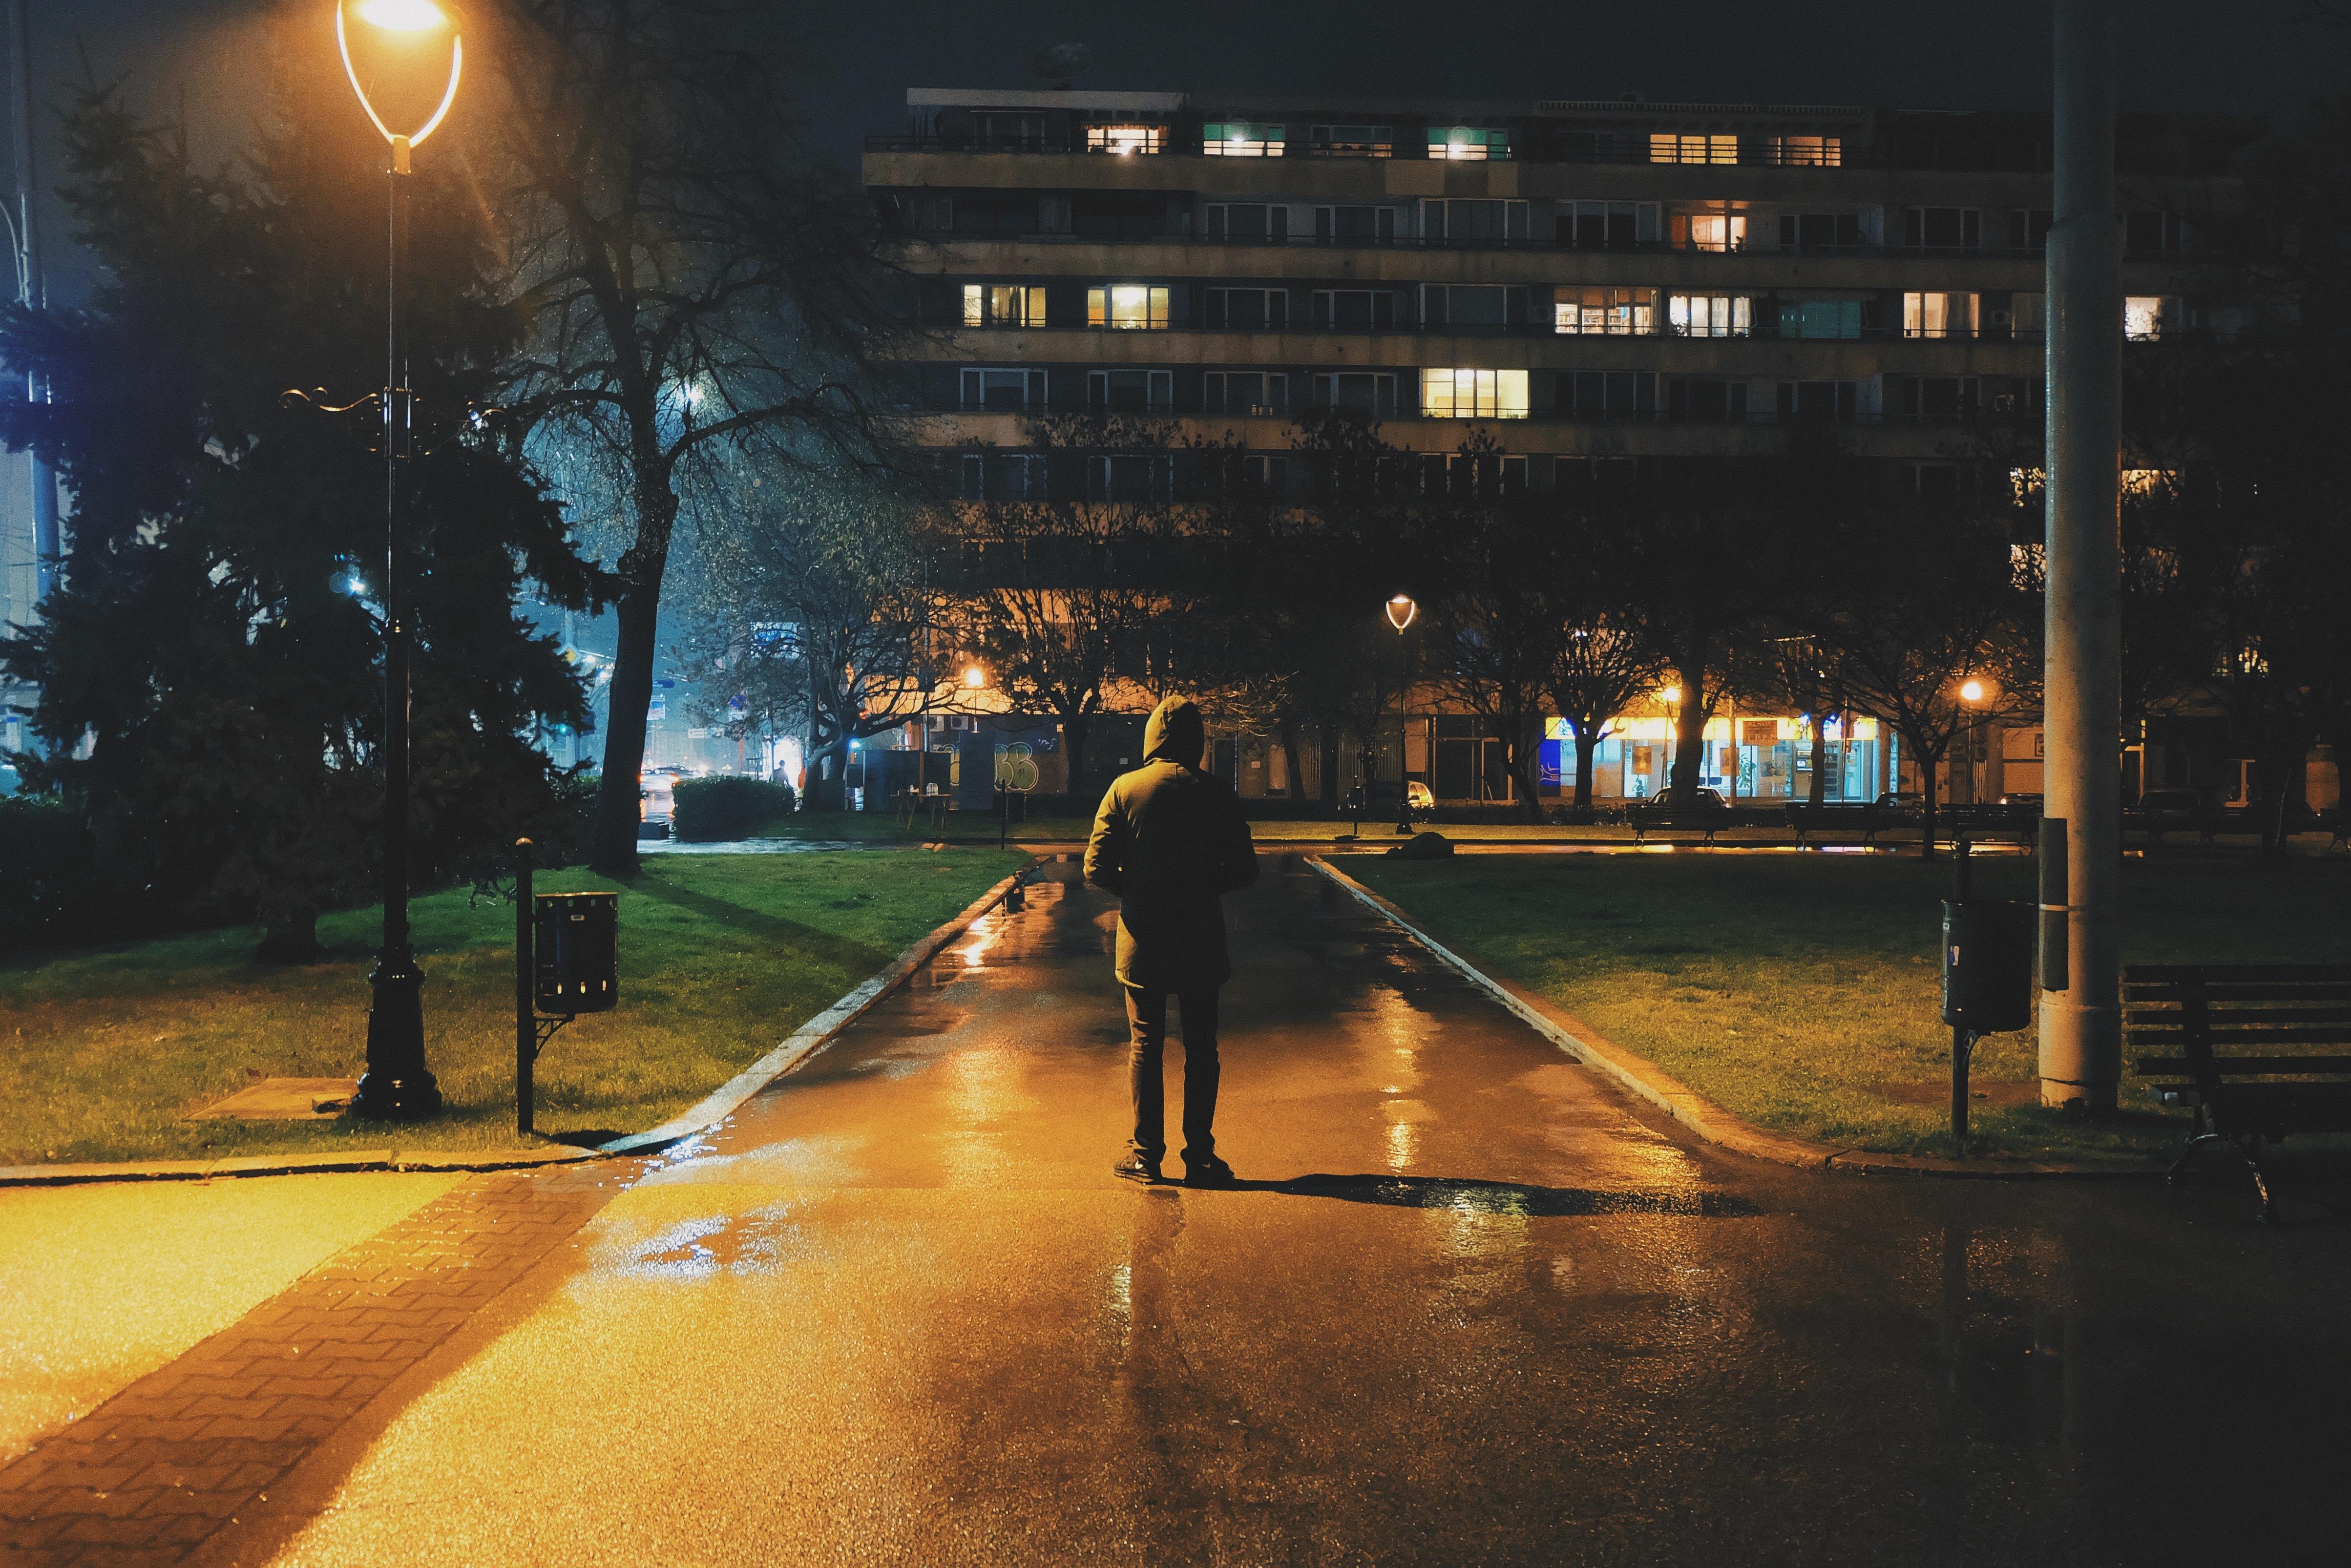 картинки улицы ночью пацаны